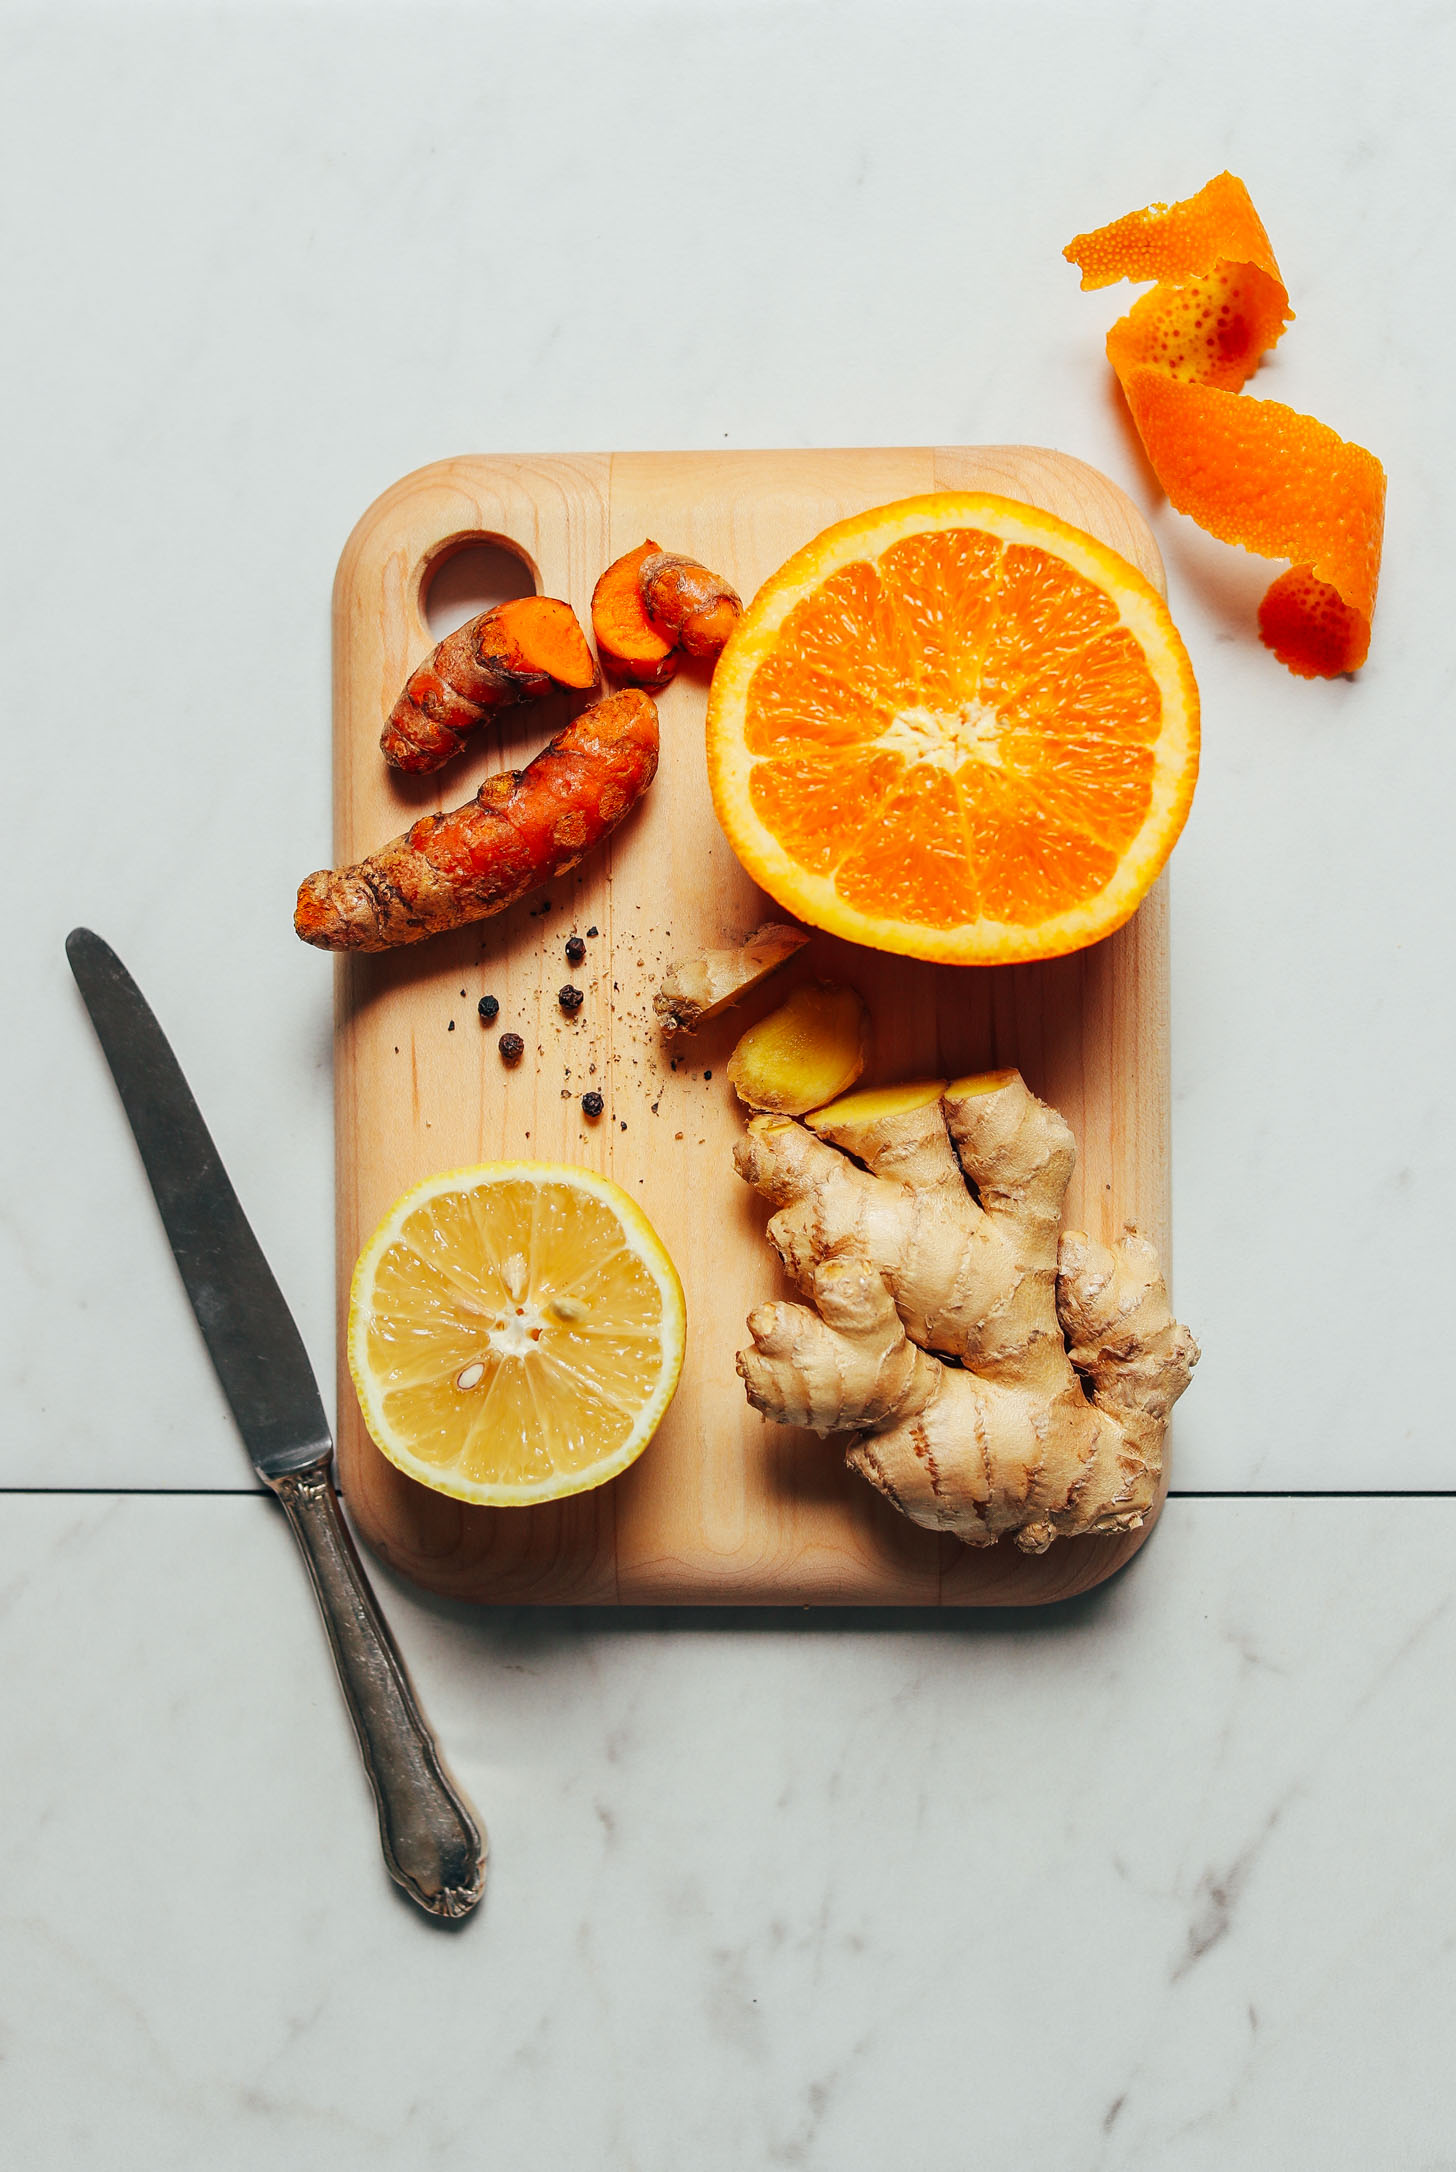 Fresh orange, turmeric, ginger, lemon and black pepper for making homemade wellness shots